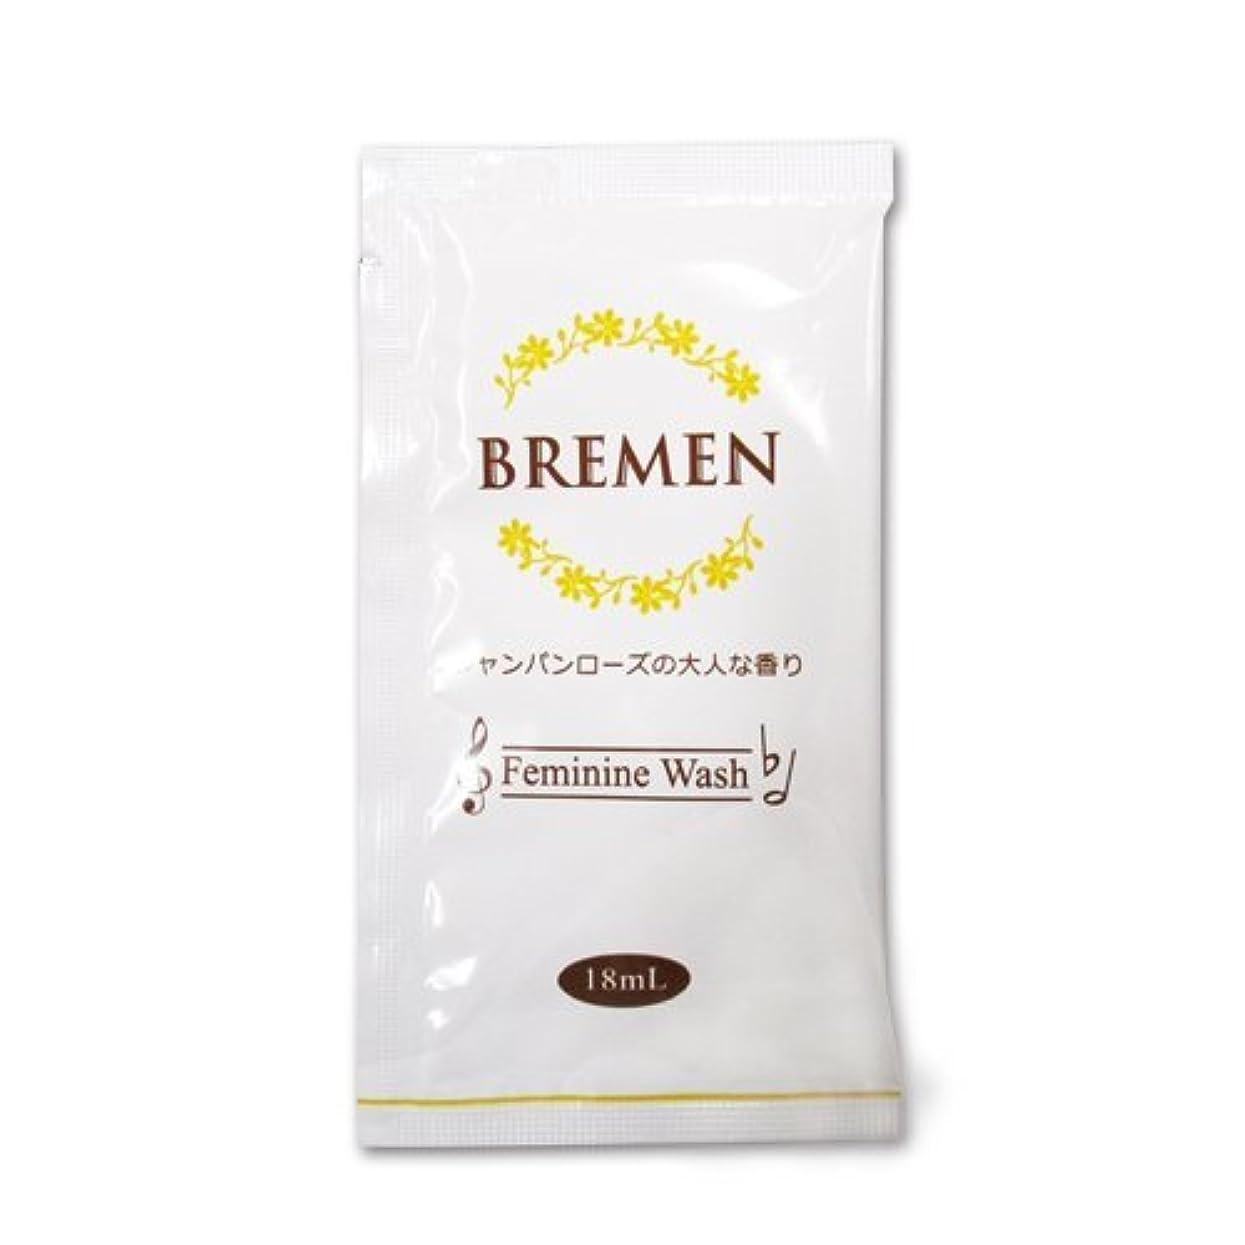 ブレーメン フェミニンウォッシュ パウチタイプ 18ml シャンパンローズの大人な香り×500枚